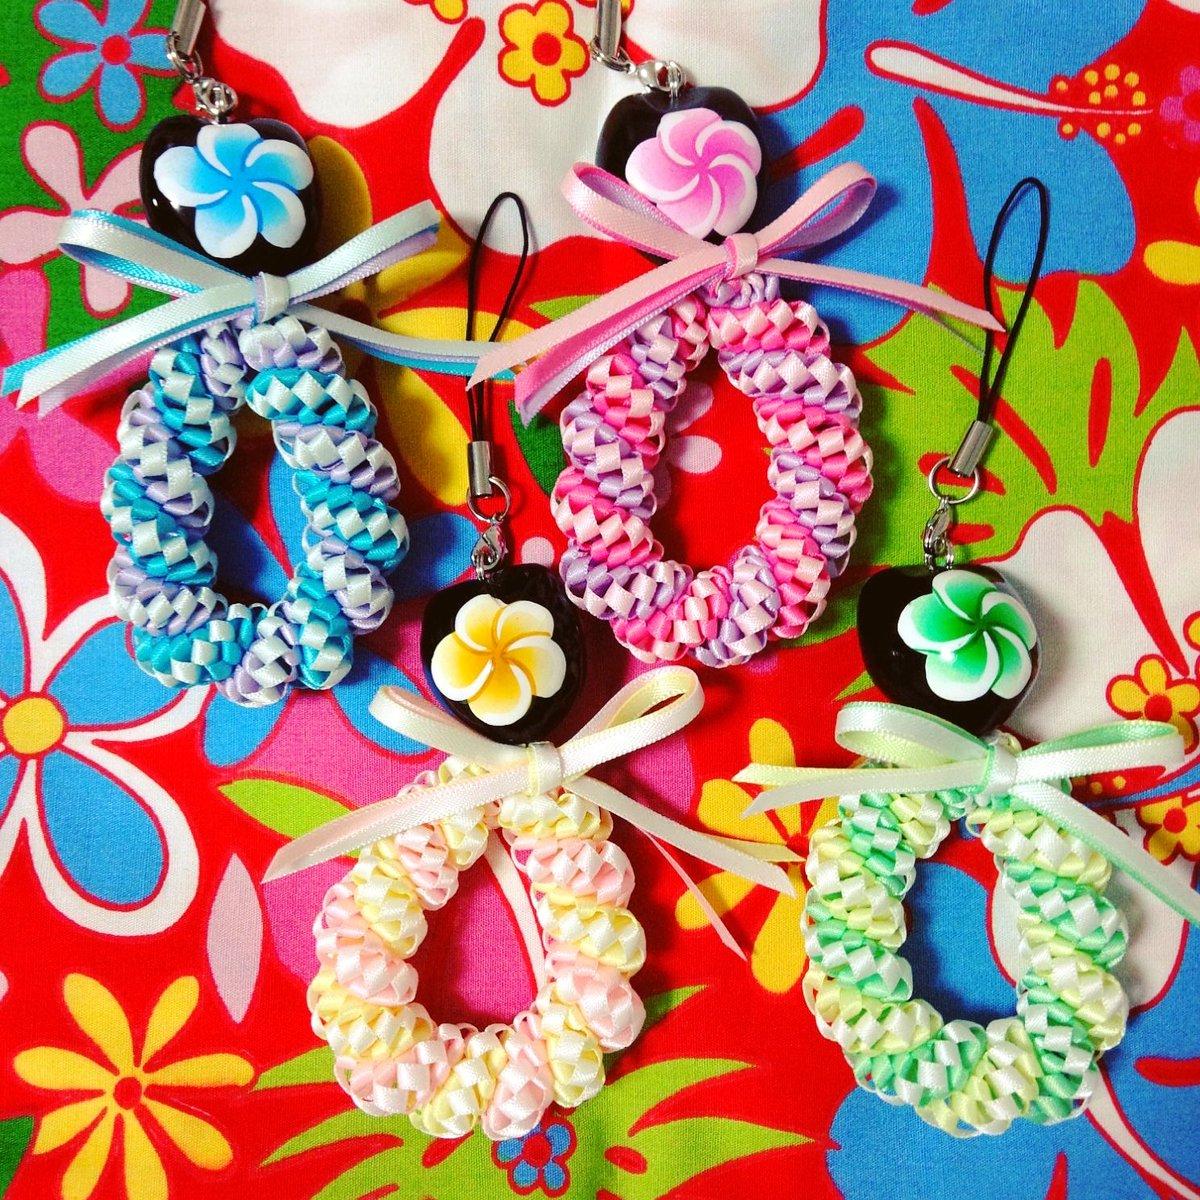 華やかリボンレイが素敵♡リボンレイの編み方、作り方♪